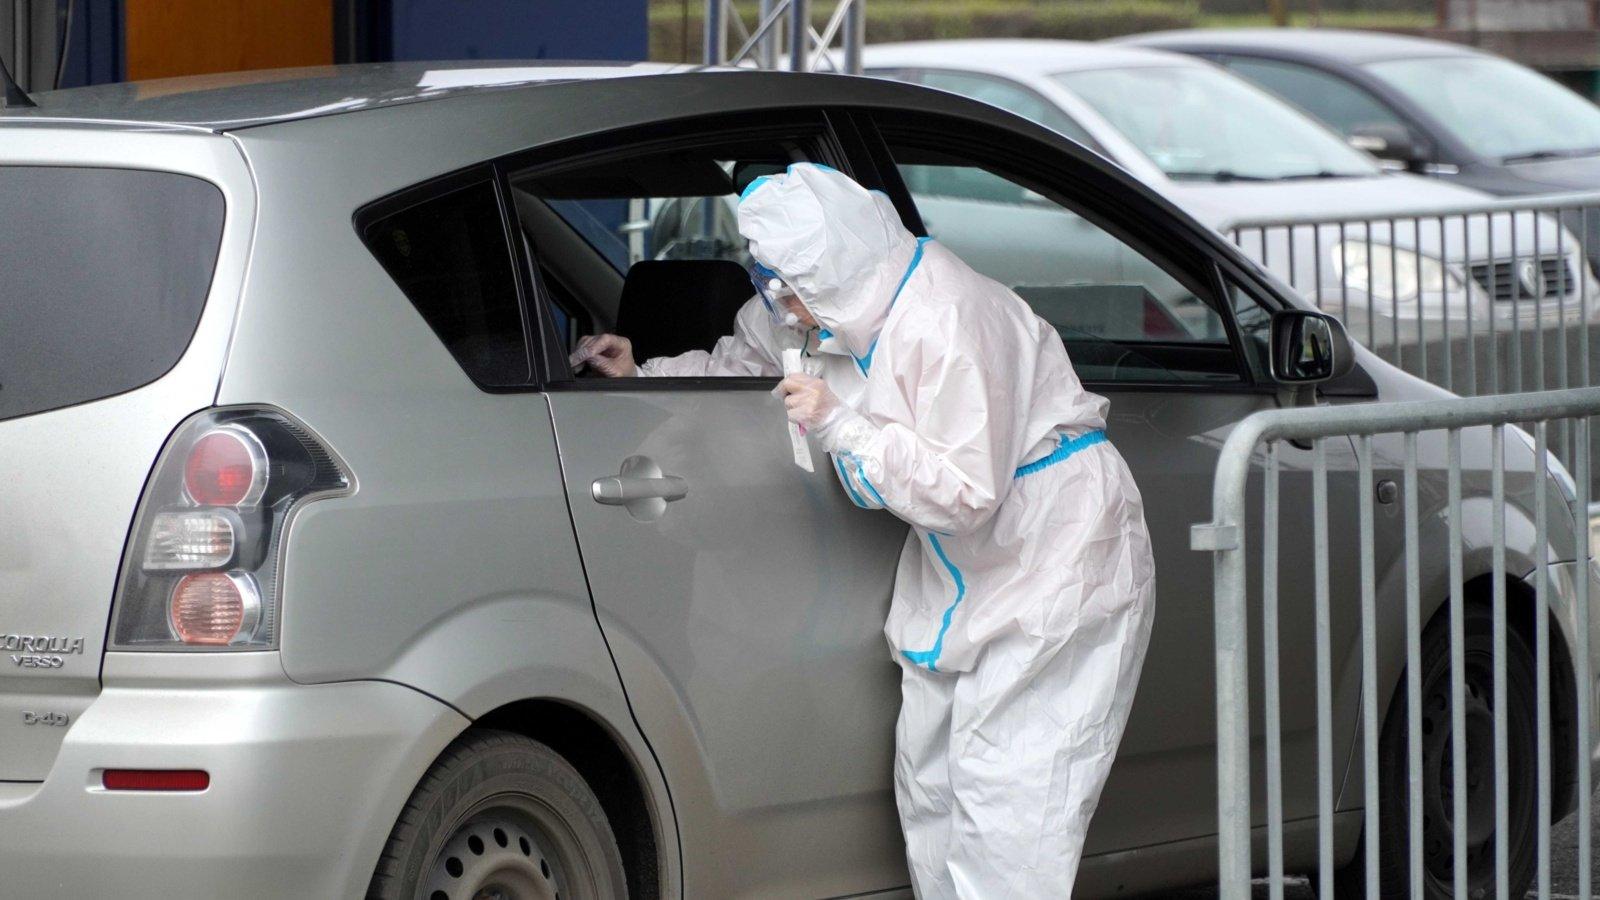 Koronavirusas Lietuvoje: nustatyti 356 nauji infekcijos atvejai, mirė 9 žmonės